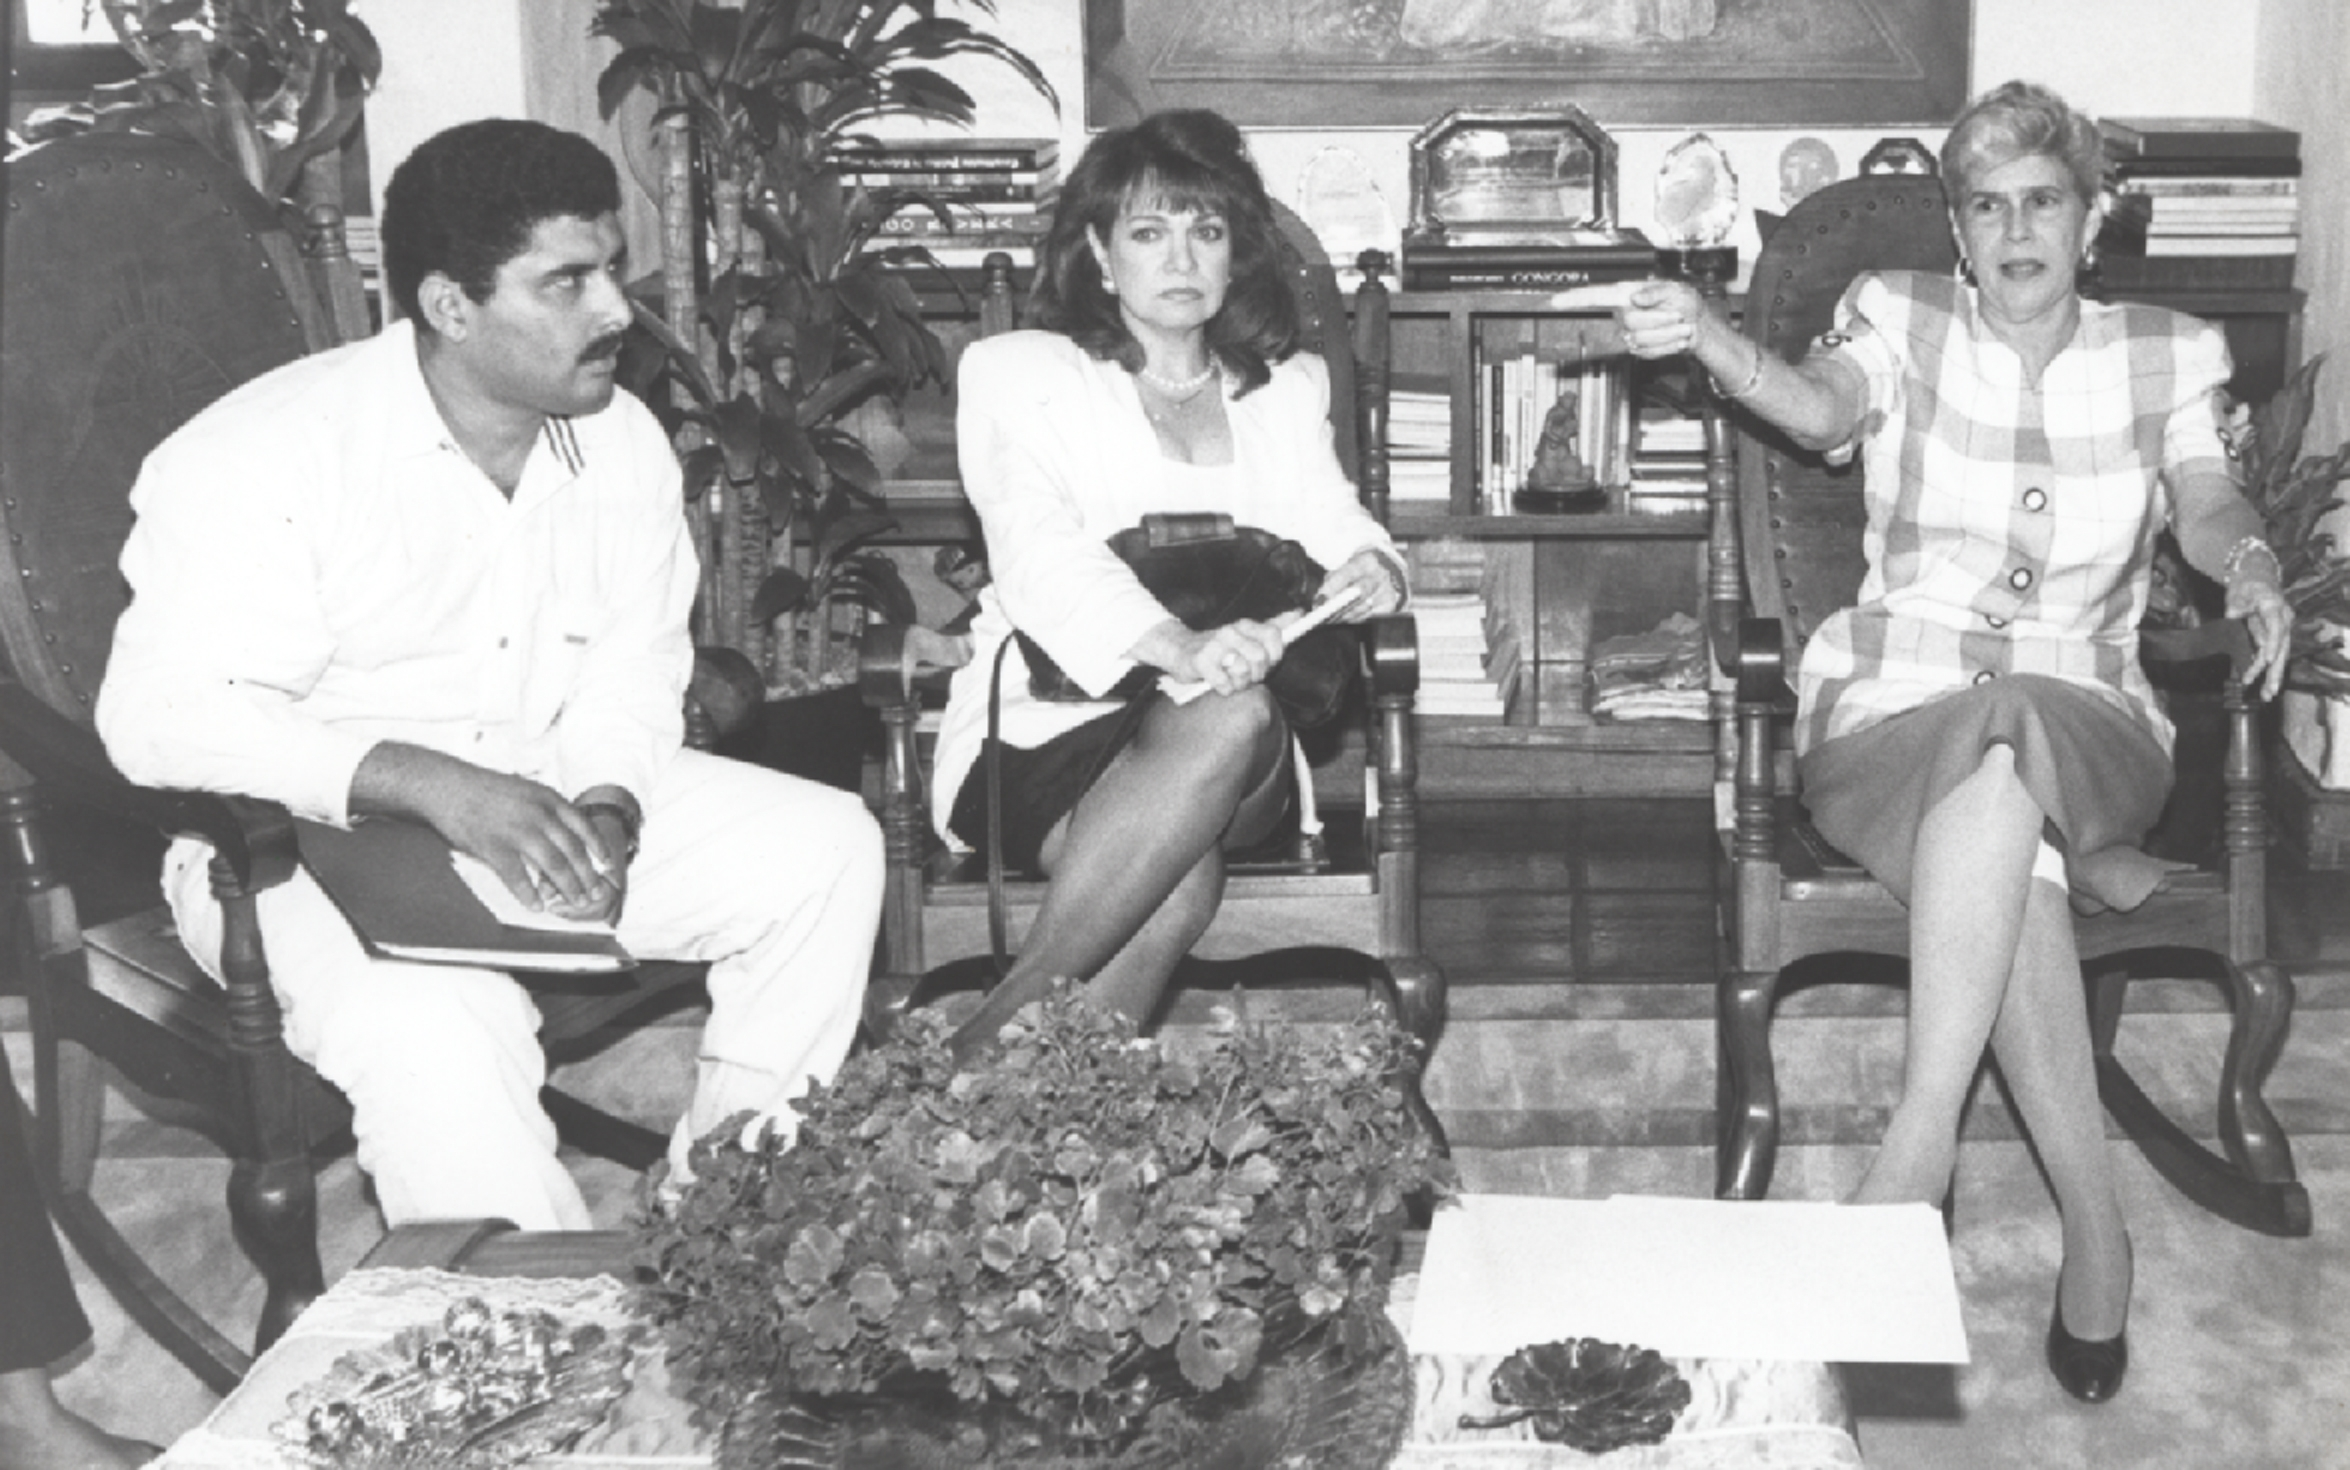 (FOTO DE ARCHIVO) Elsa de Bermudez, visitando a Violeta Chamorro. / 15 de Febrero de 1993 / LA PRENSA. Digitalización: Yury Salvatierra M.